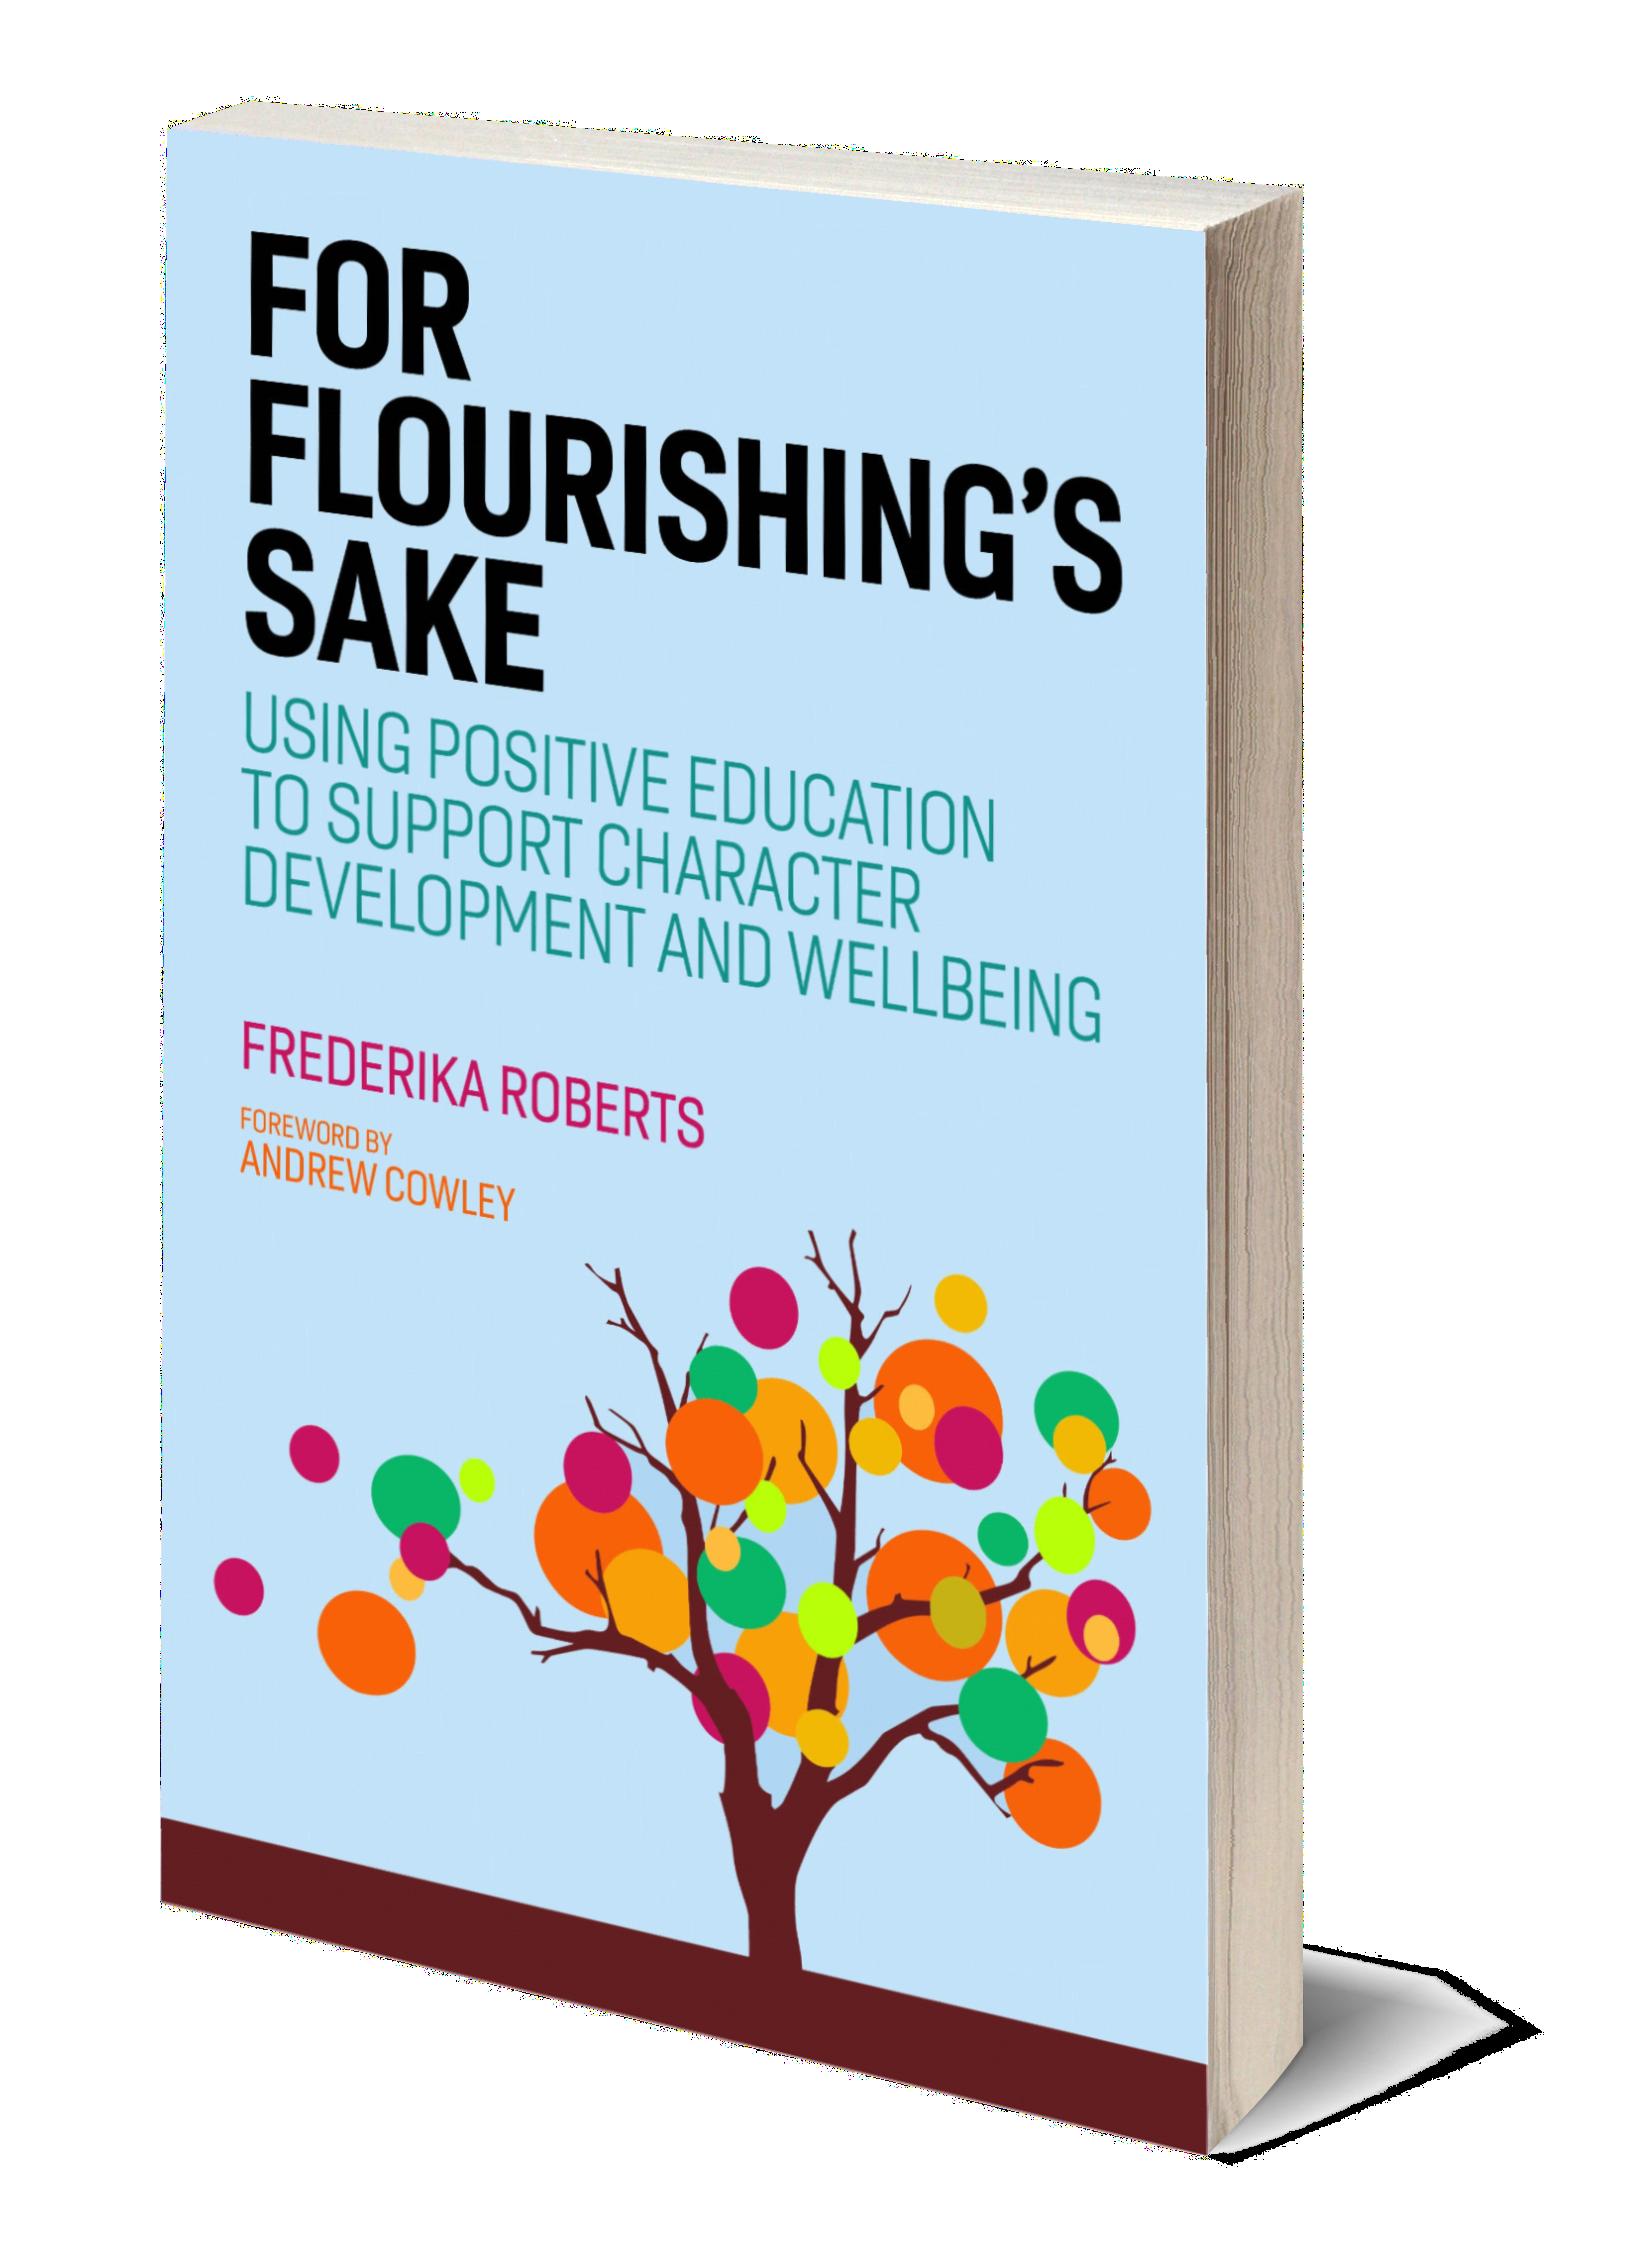 For Flourishing's Sake Book Cover 3D